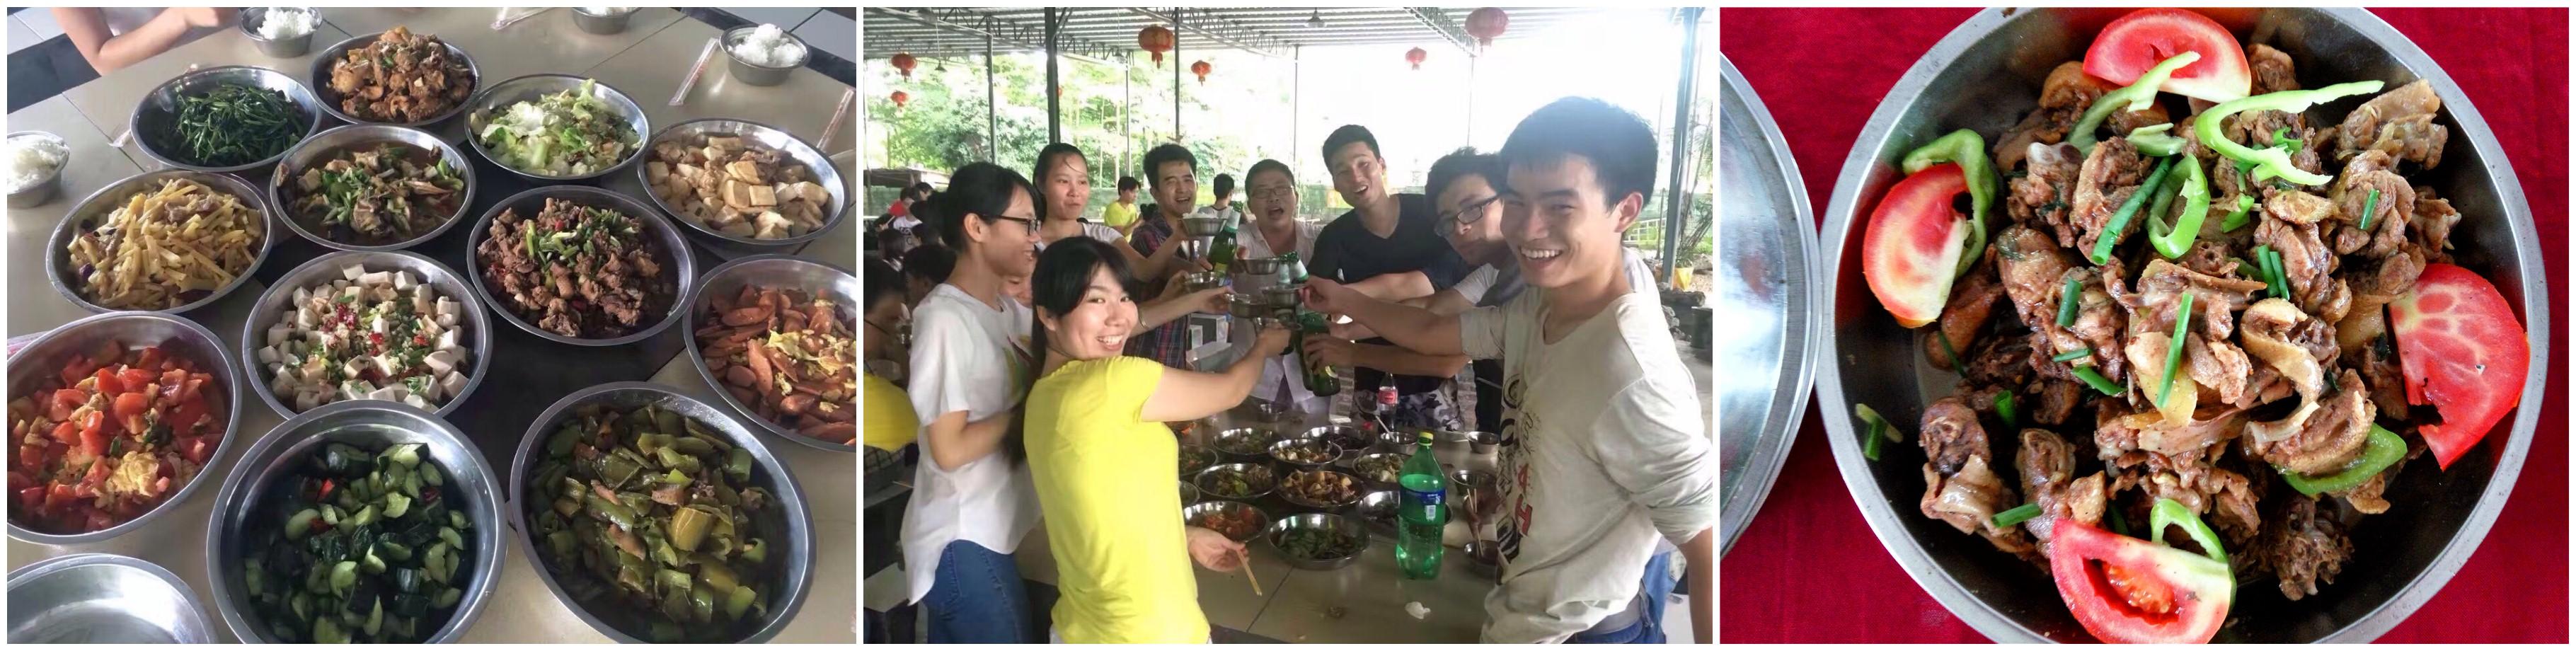 深圳农家乐野炊菜博士农场美食组图